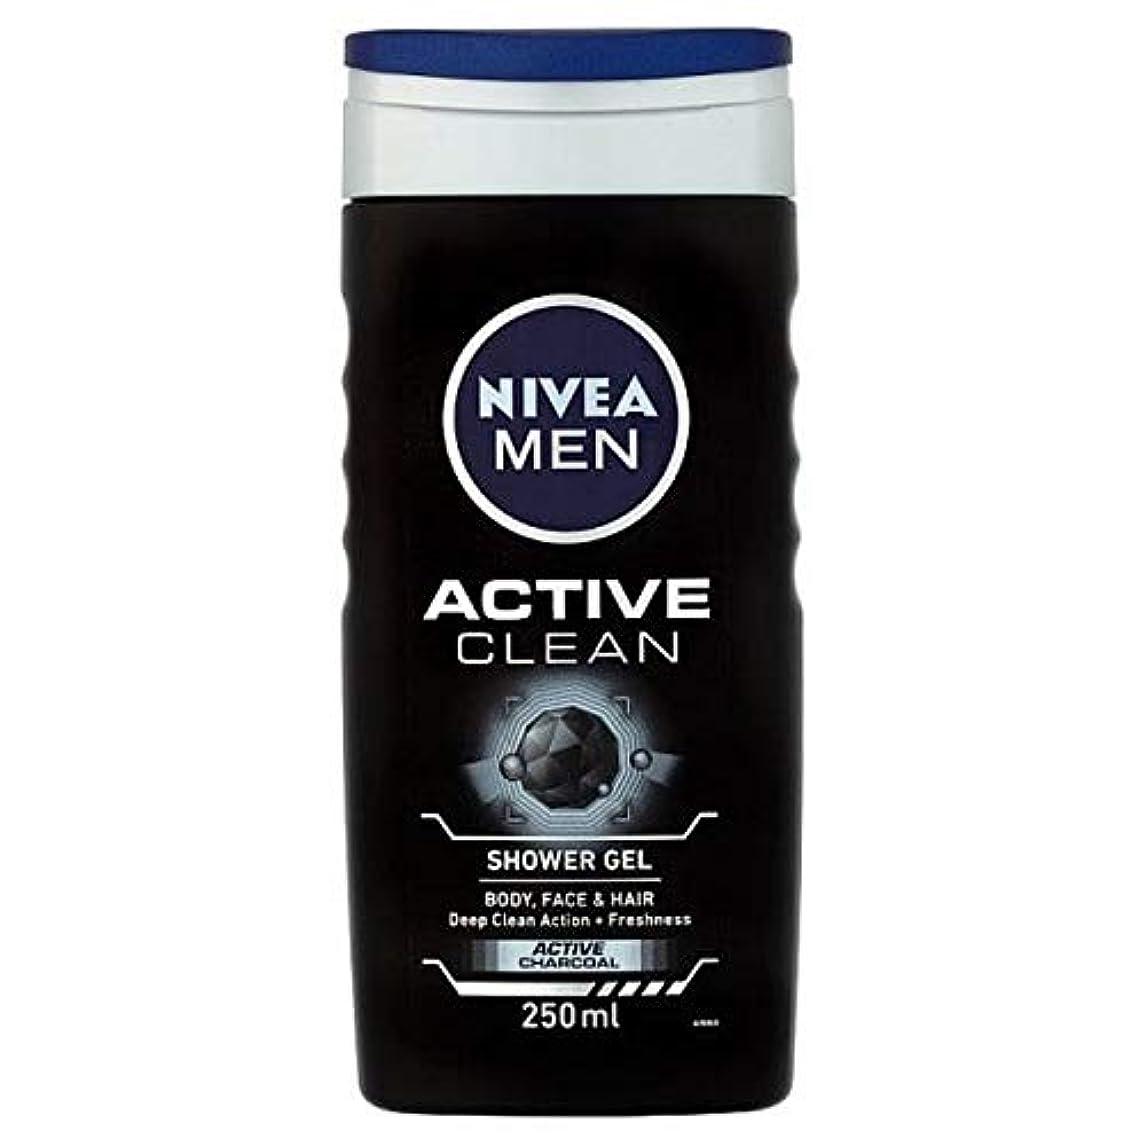 尊敬するしばしば人形[Nivea ] ニベア男性用シャワージェル、炭との活発なきれいな、250ミリリットル - NIVEA Men Shower Gel, Active Clean with Charcoal, 250ml [並行輸入品]